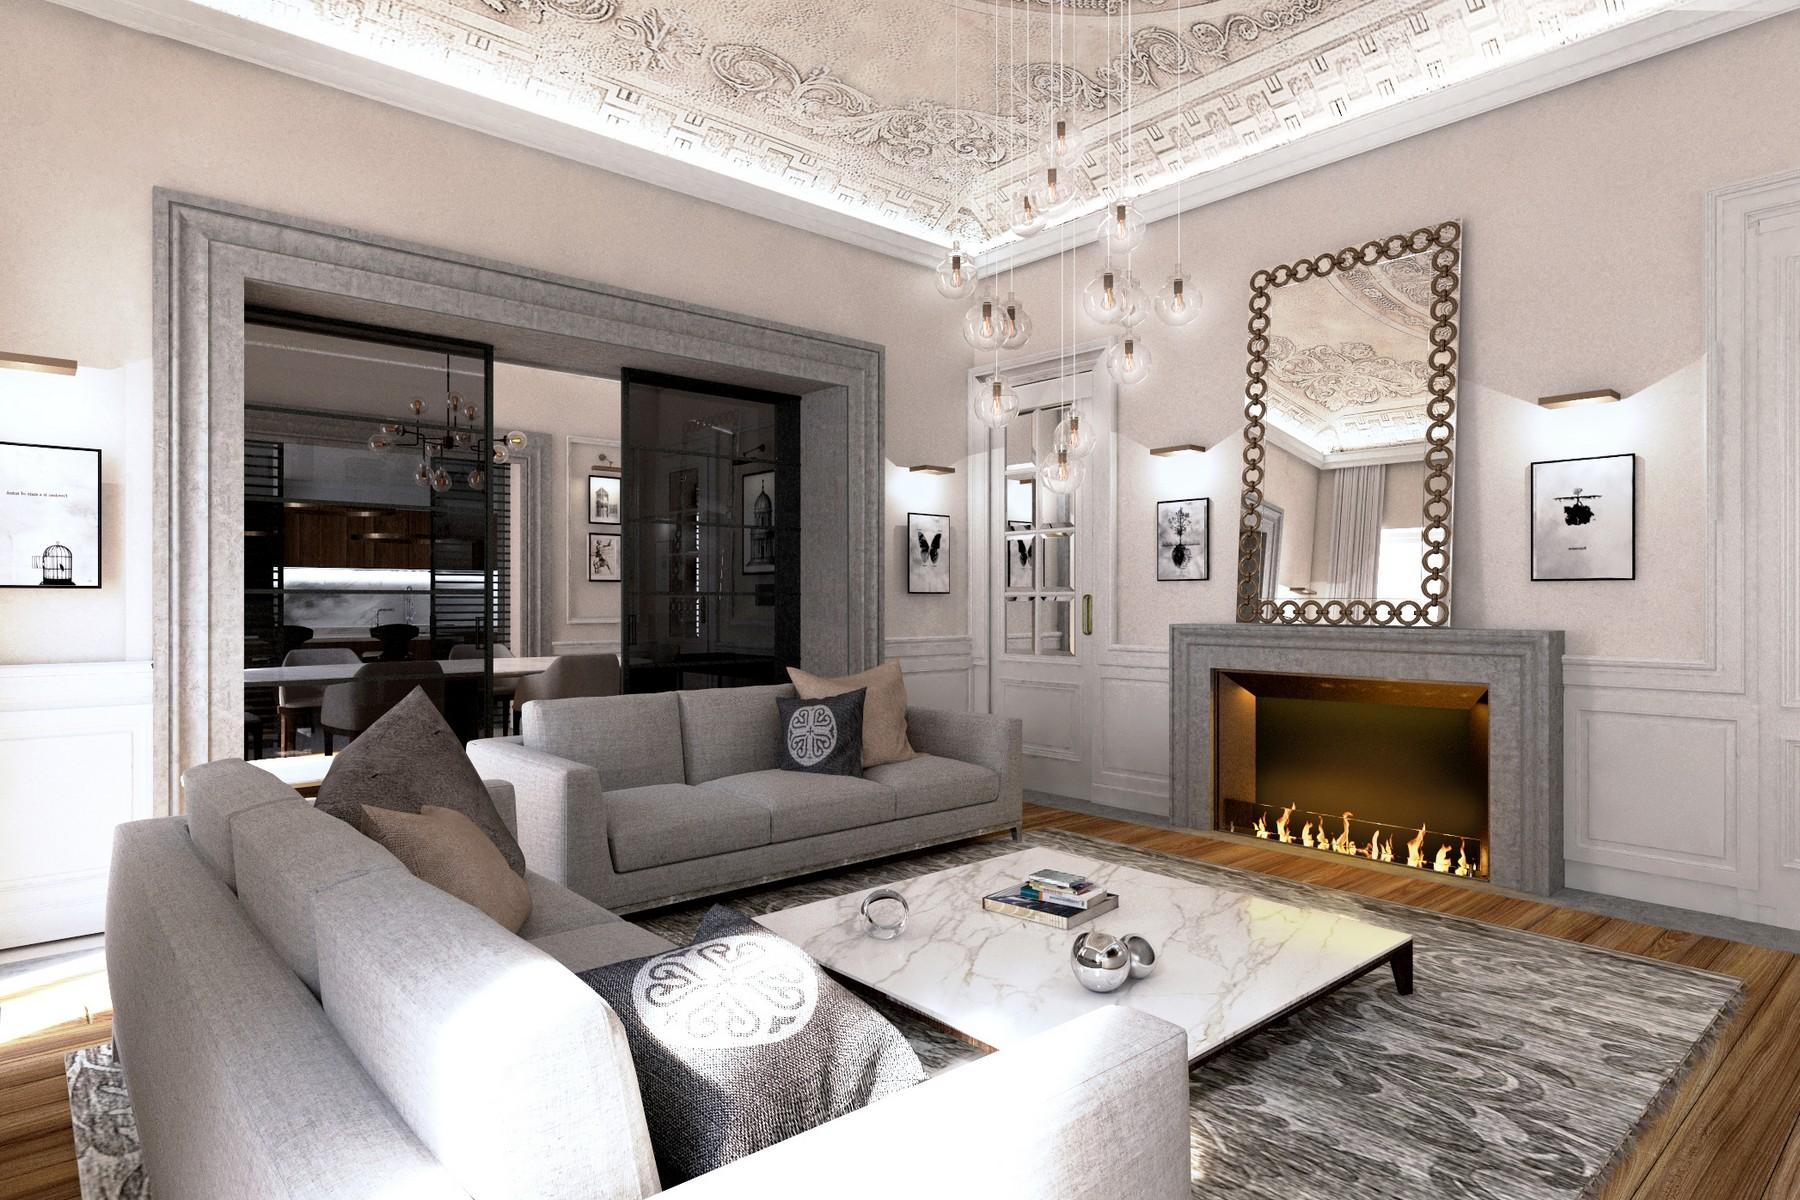 Appartamenti di lusso a firenze trovocasa pregio for Ville interni di lusso